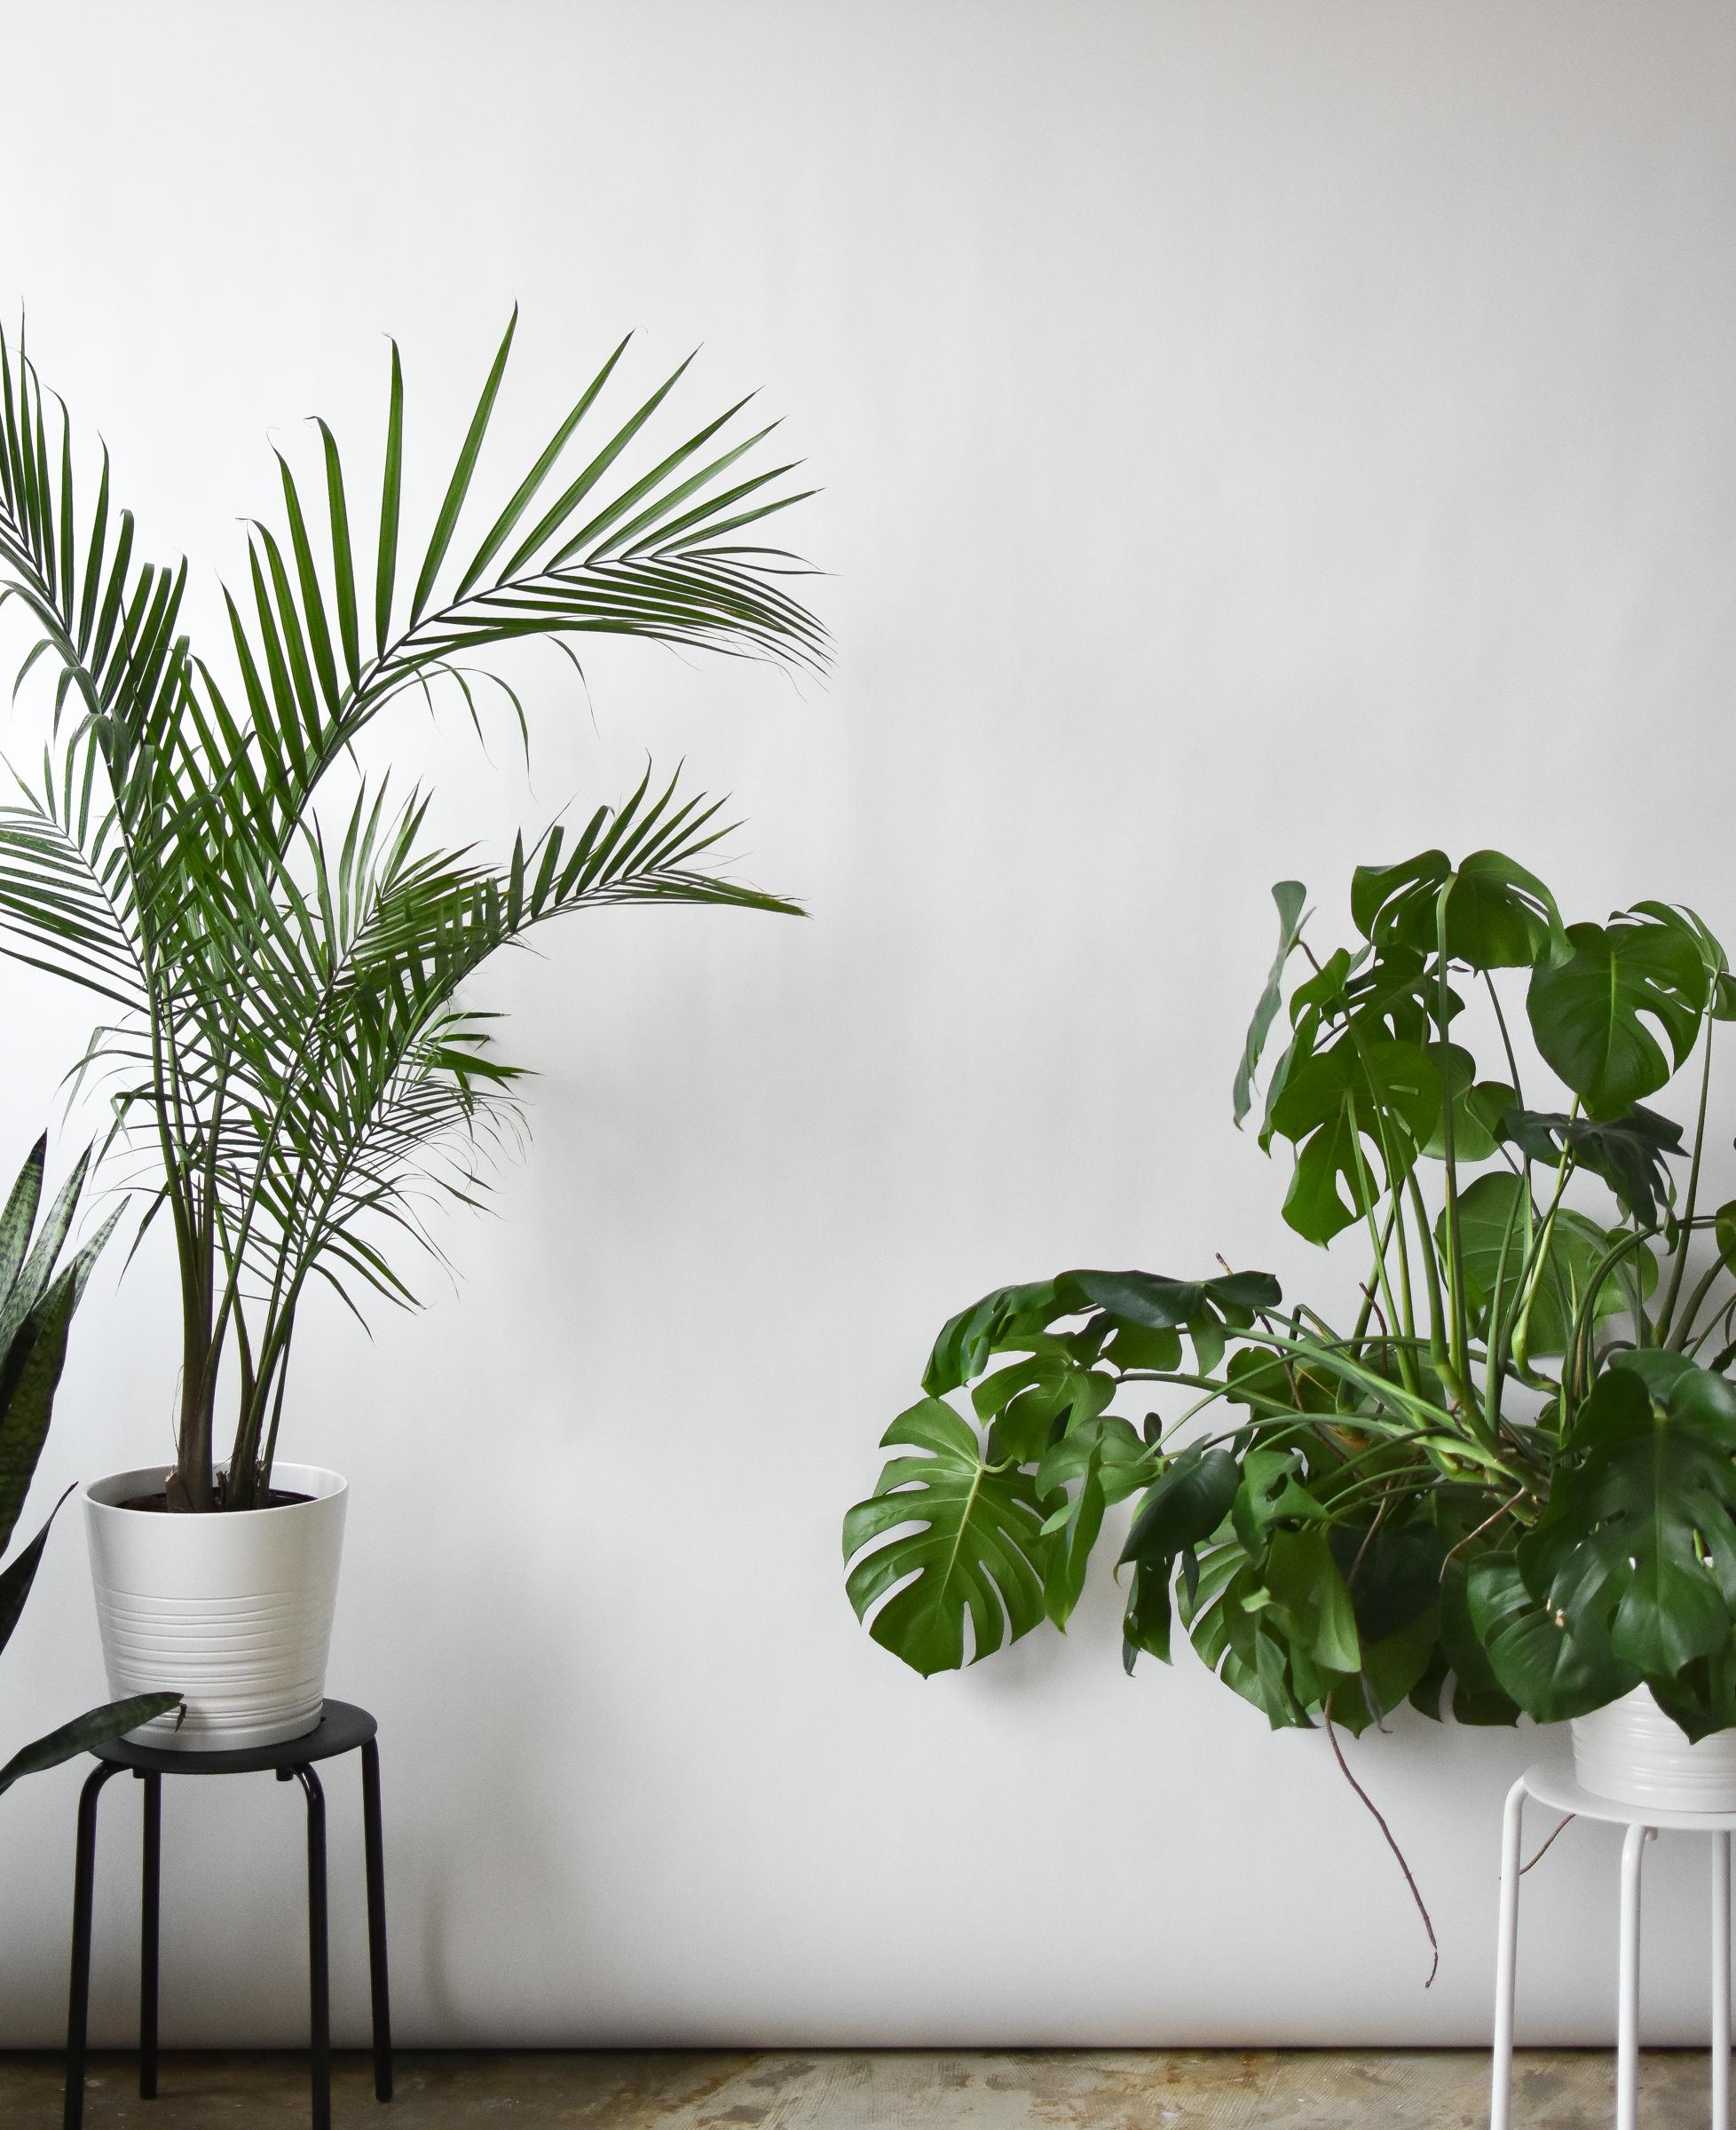 photography-studio-plants-dc